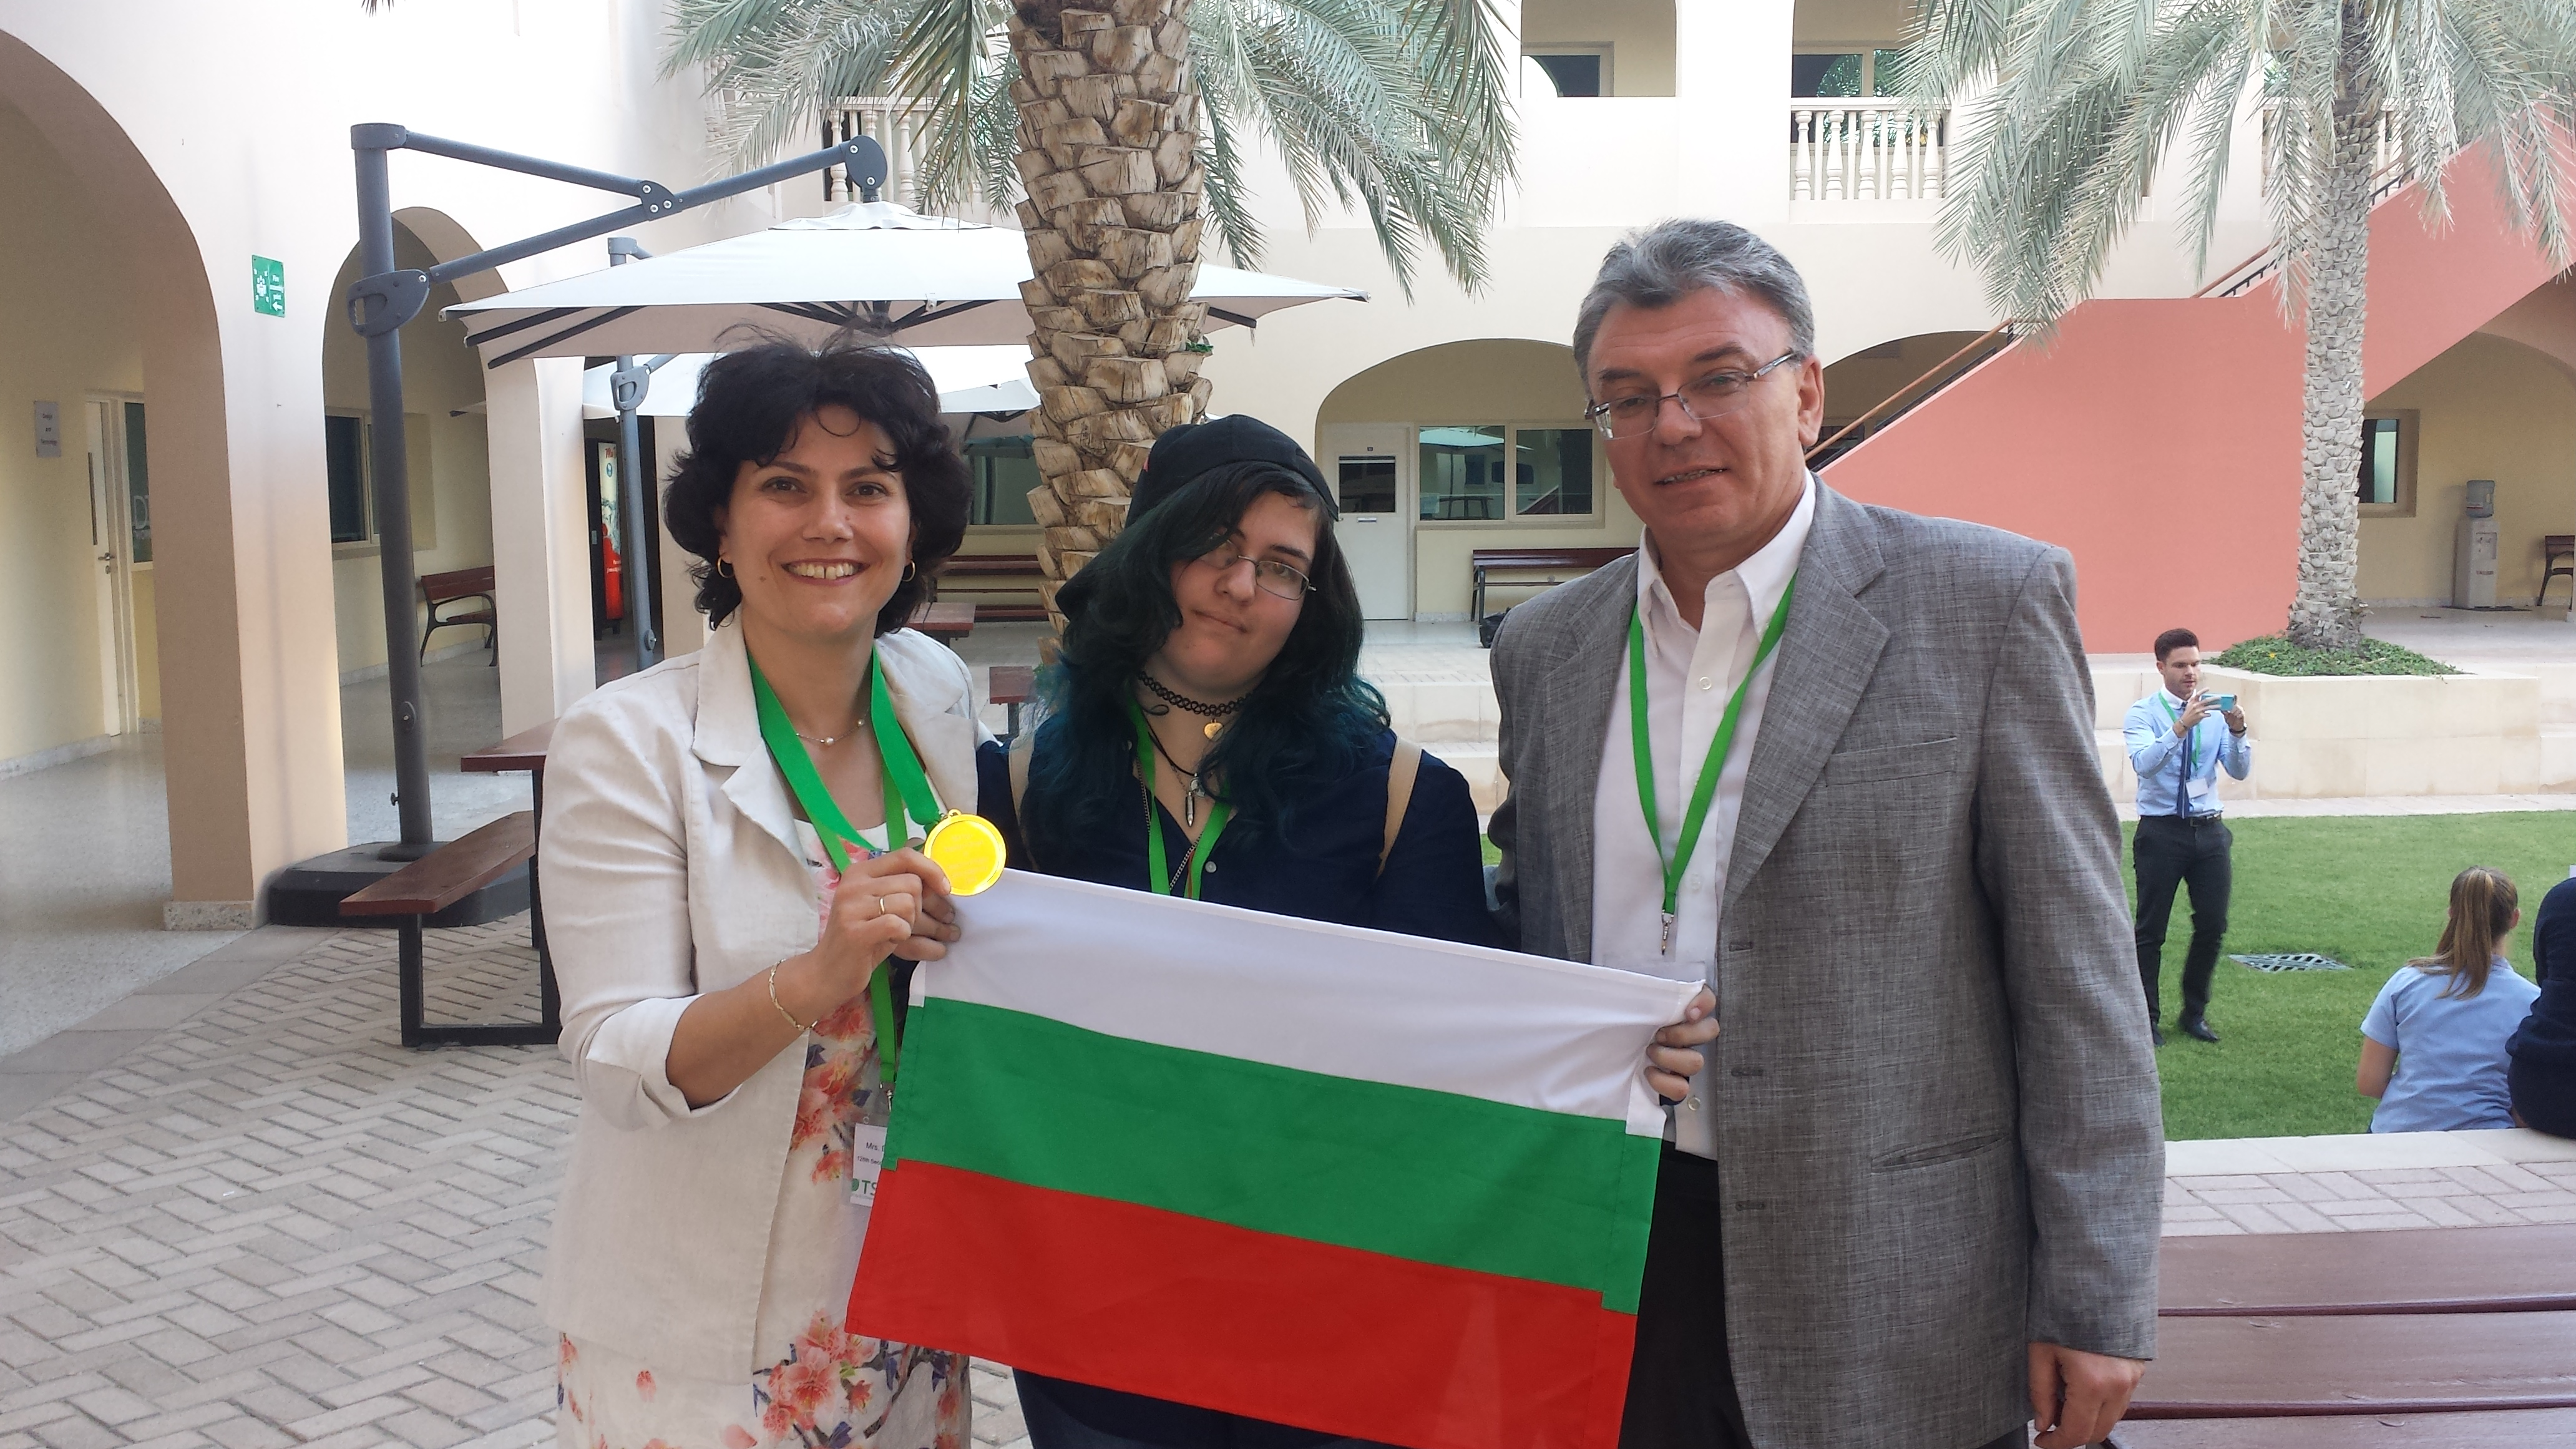 """Ученици от 128 СОУ """"Алберт Айнщайн"""" печелят медал на състезание за есе на английски език в Дубай (видео)"""